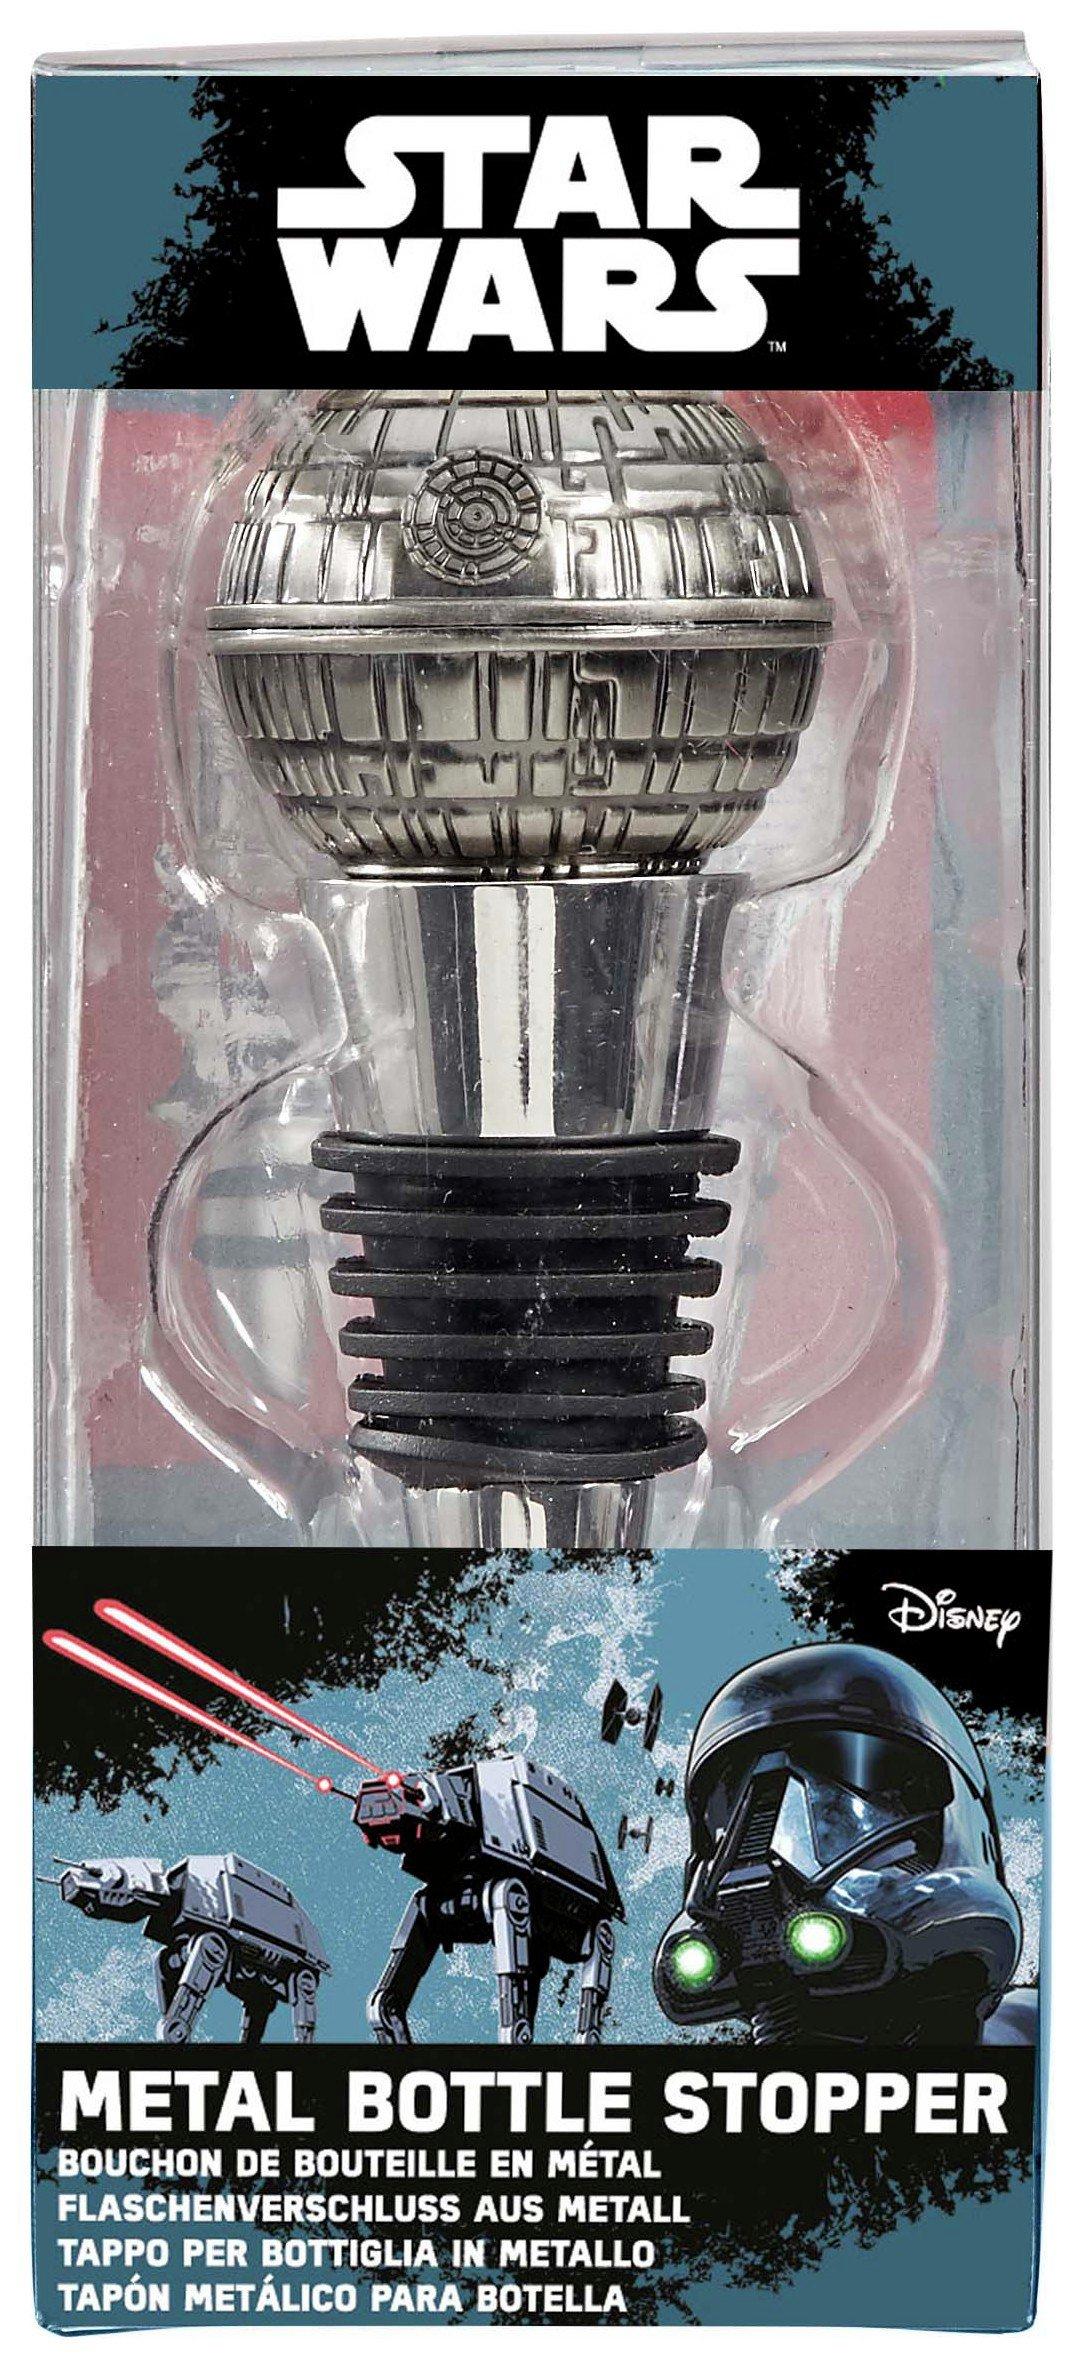 Star Wars Metal Death Star Bottle Stopper